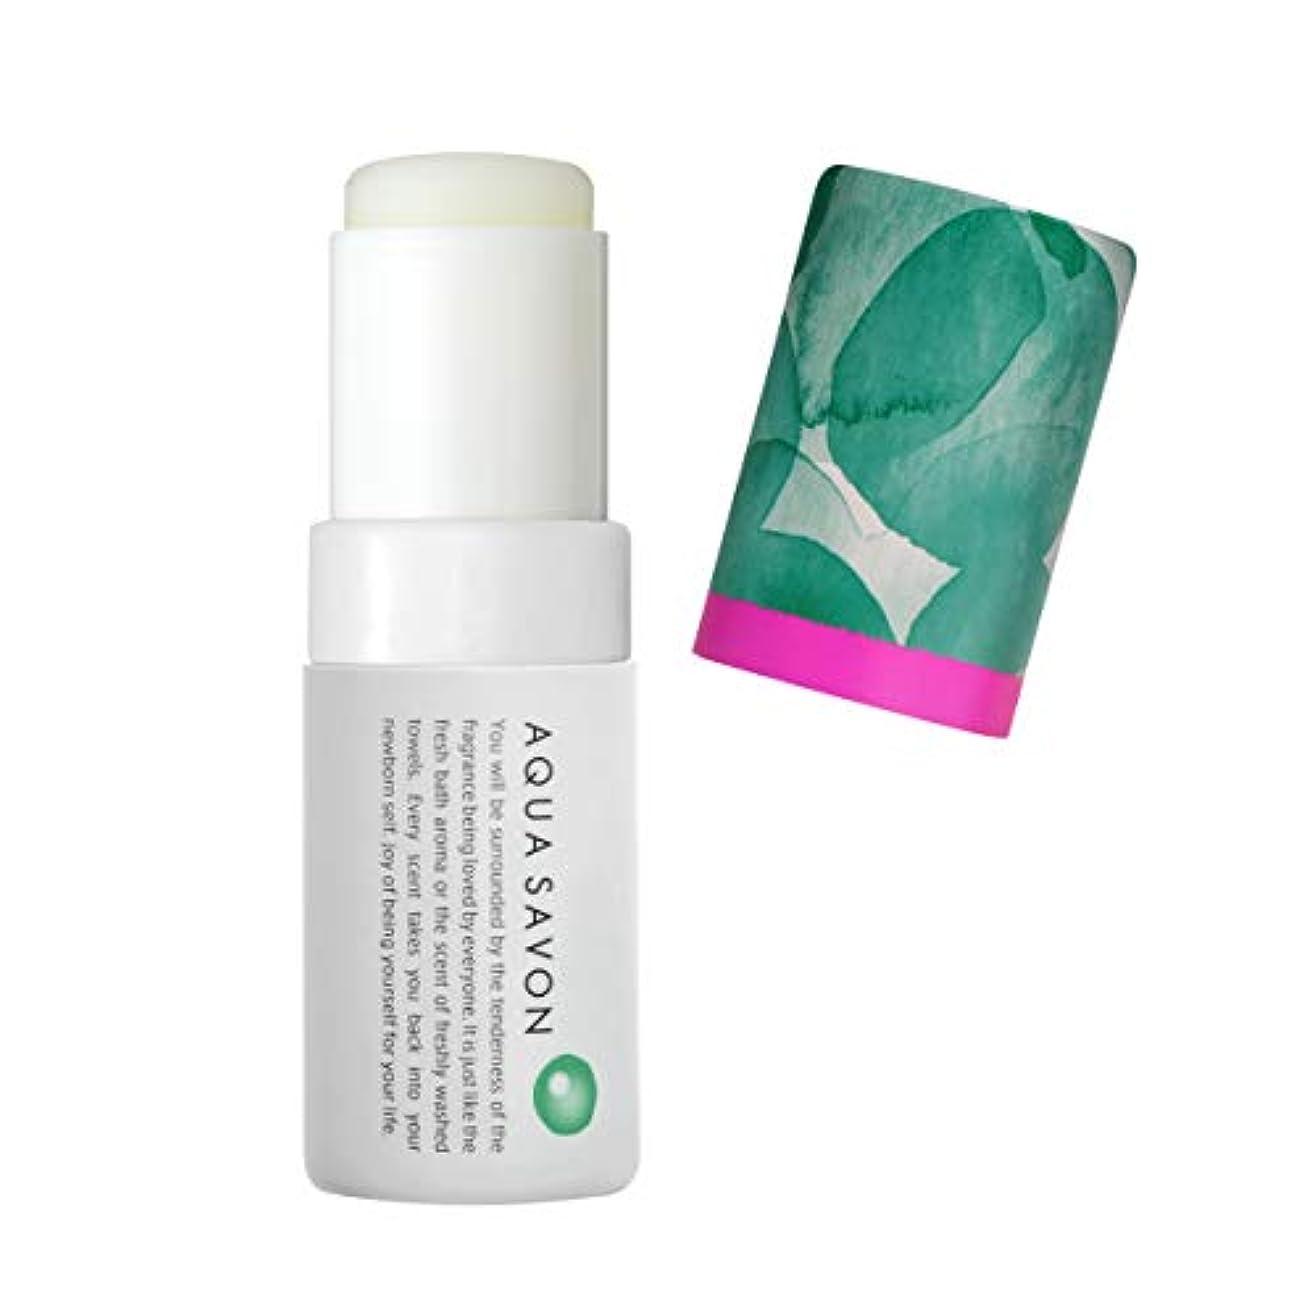 処方割り込み列挙するアクアシャボン スティックフレグランス ホワイトコットンの香り 18A 5.5g